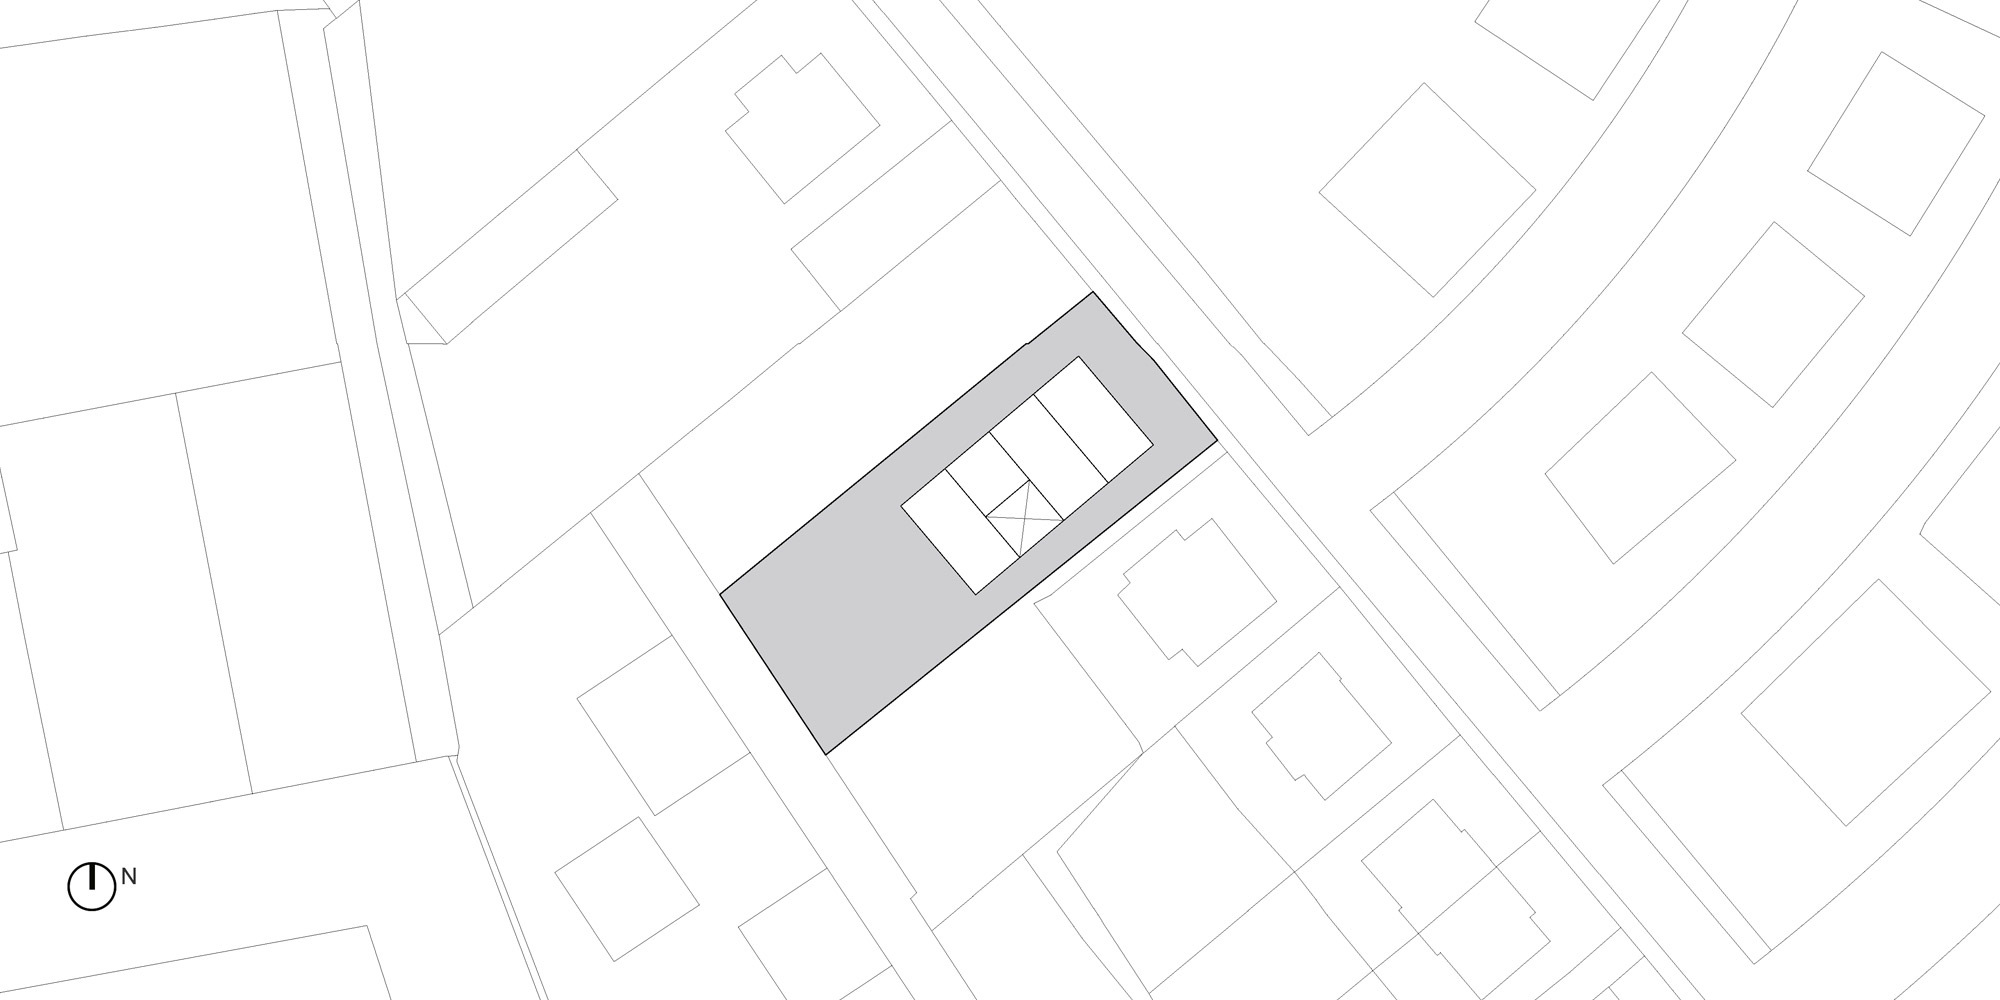 Site plan © OFIS architekti